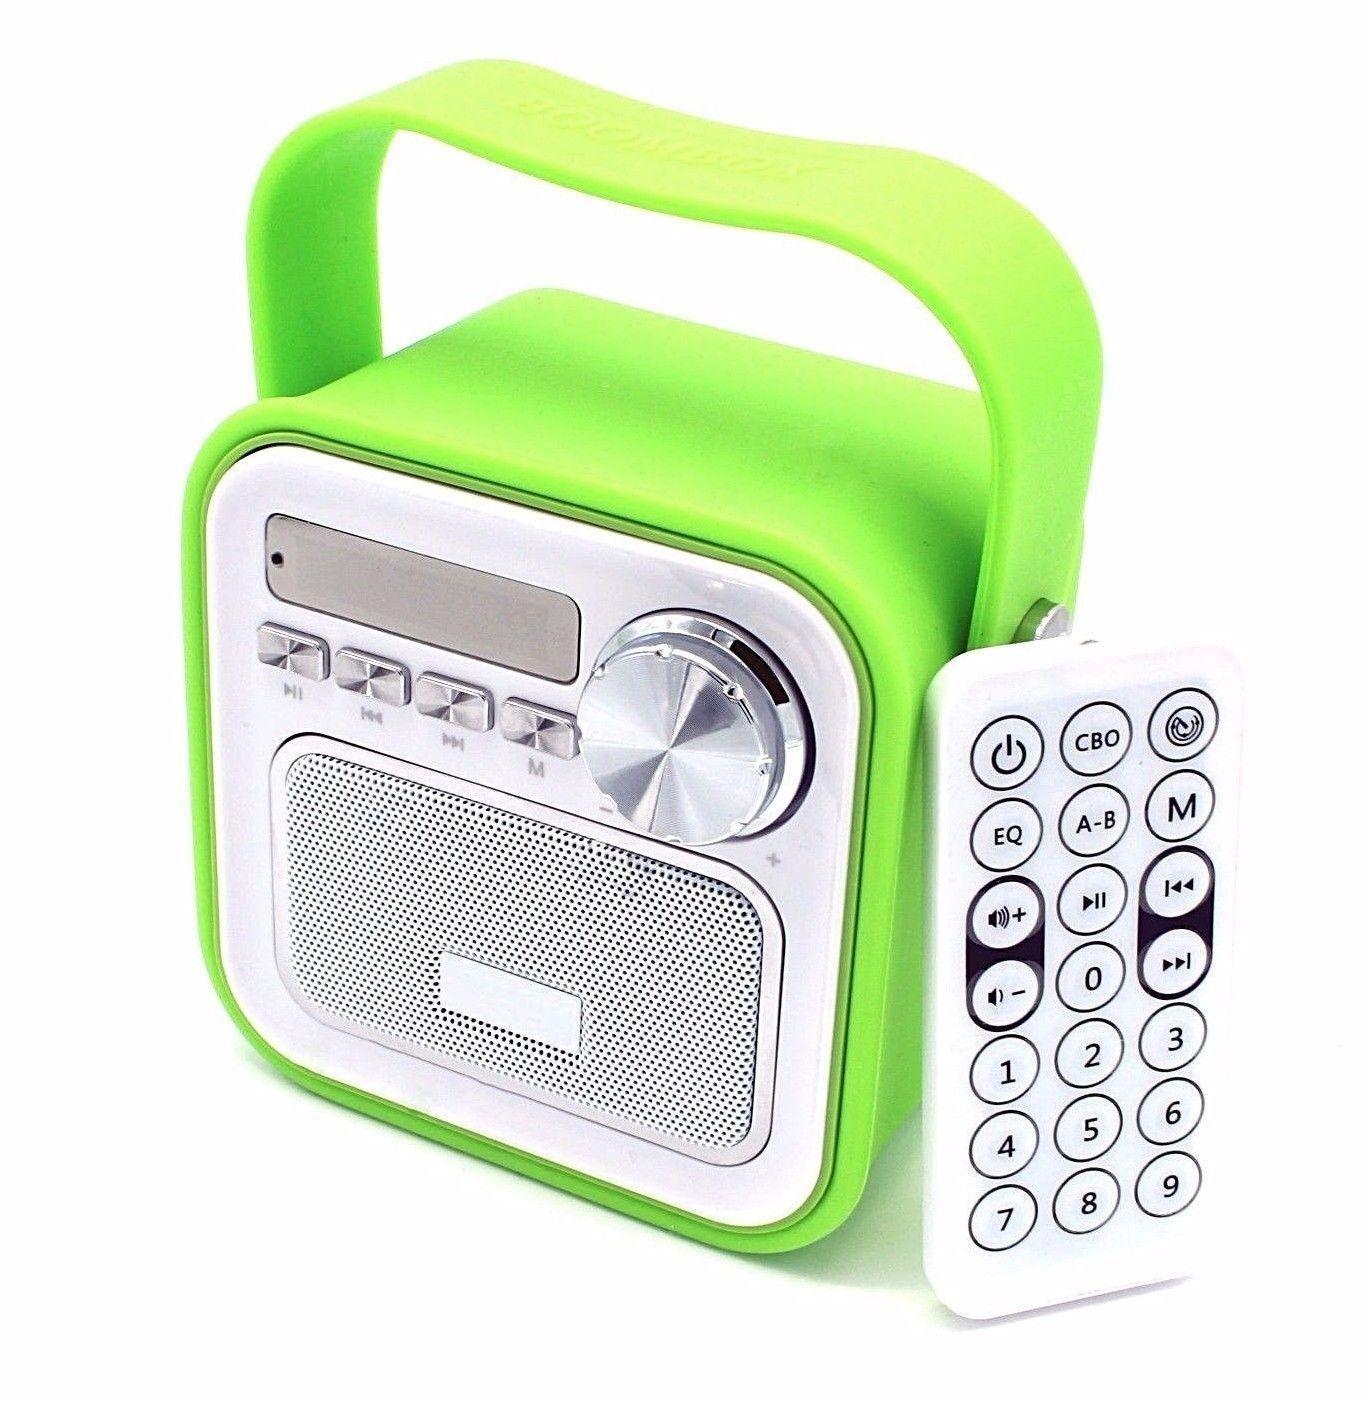 Mini Bluetooth Lautsprecher Mit Radio Fm In Grun Aux Bluetooth Usb Anschluss Fernbedienung Uhrzeit Kuchenradio Ba Fernbedienung Bluetooth Lautsprecher Musikbox